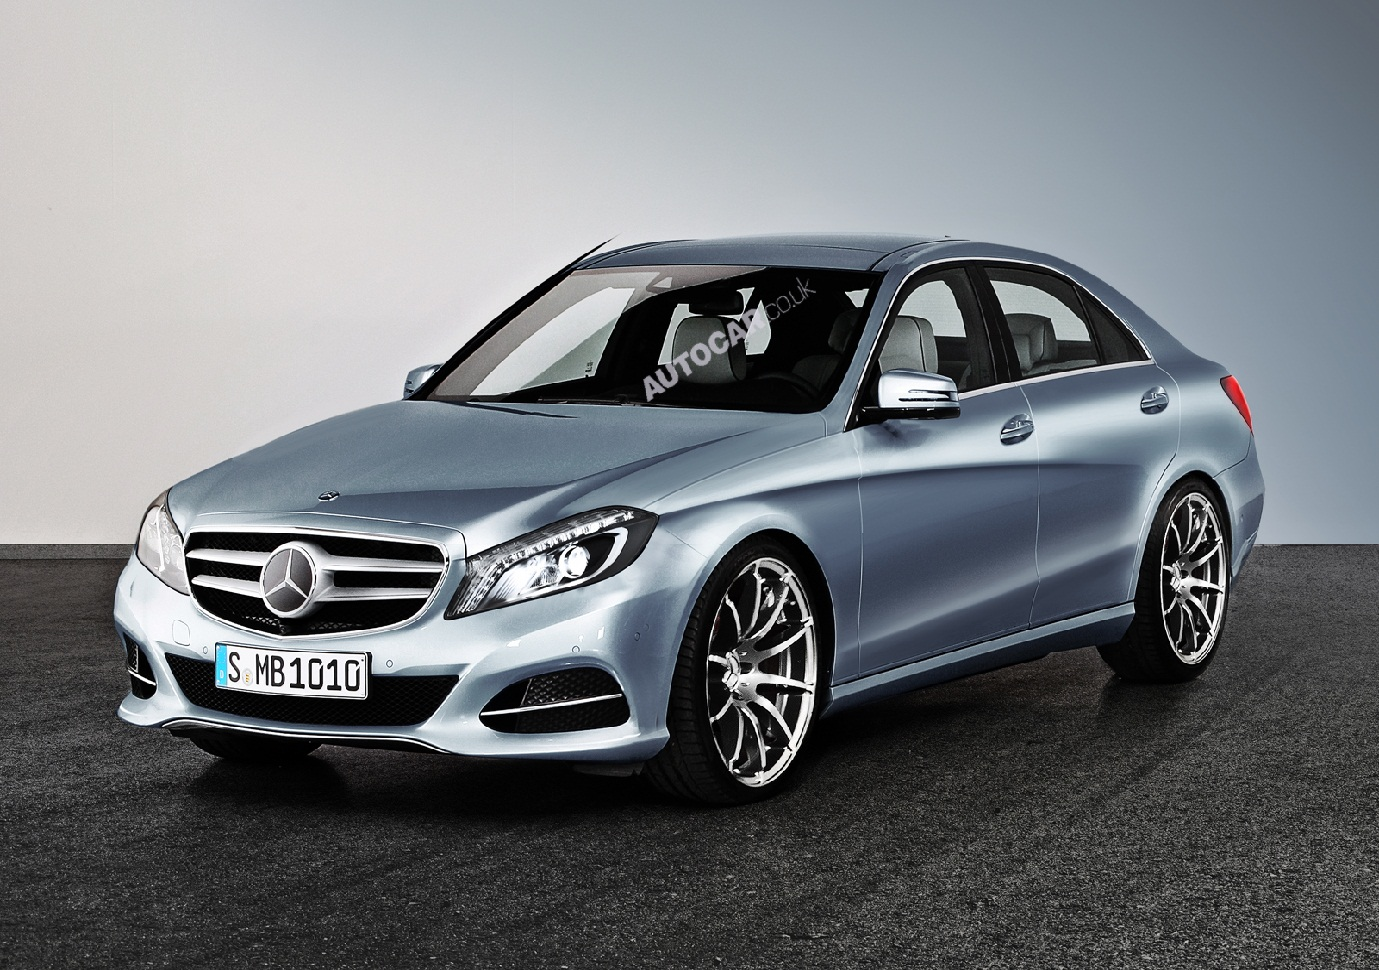 2015-Mercedes-C-Class-Images-1